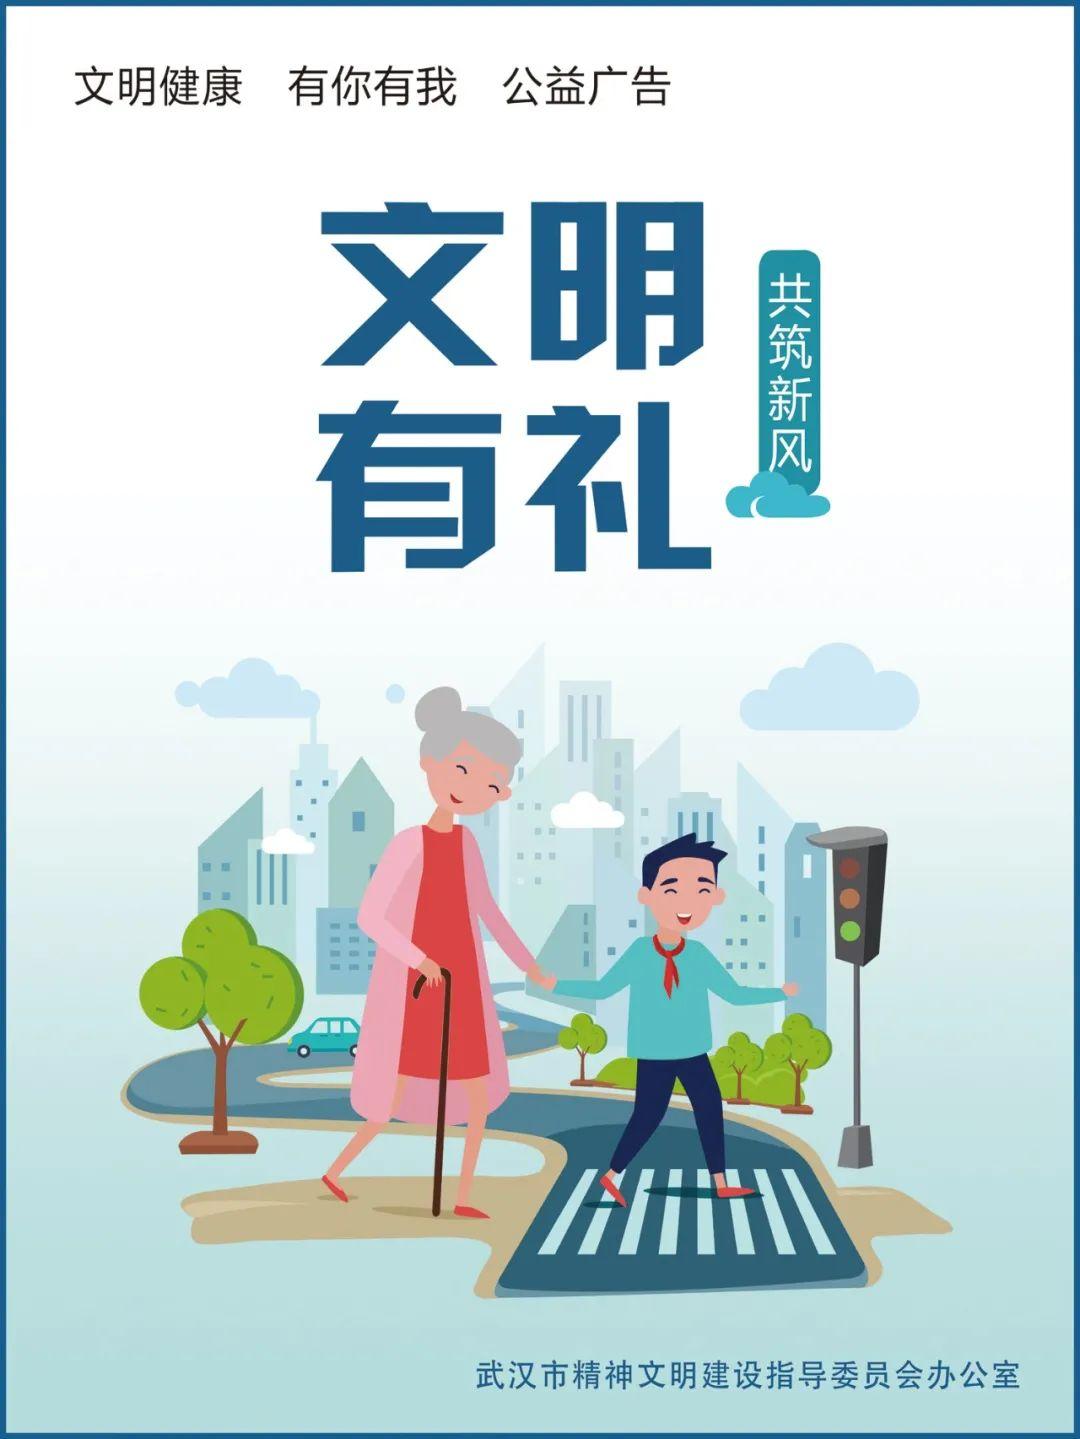 疫后重振经济复苏 新年大项目开拓新店,2021 武汉商业将迎密集入市